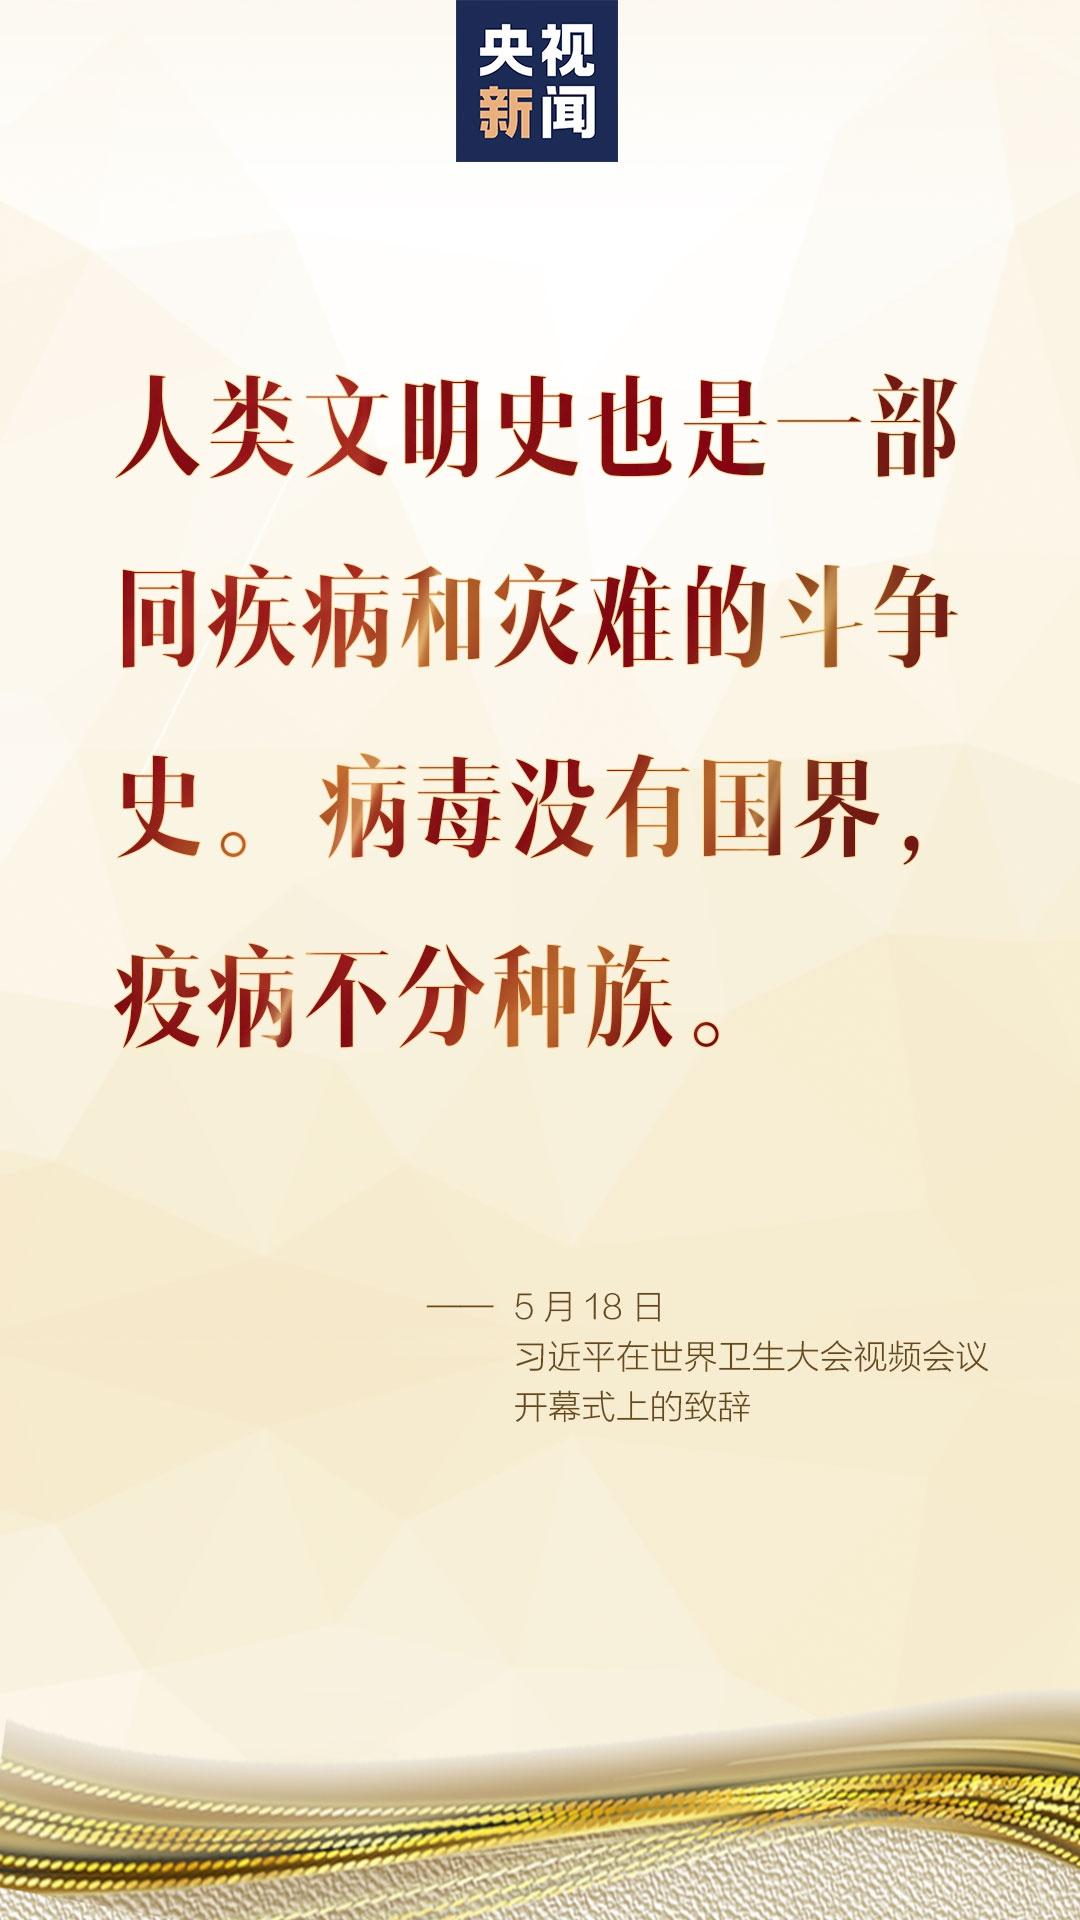 杏悦平台:近平共同构杏悦平台建人类卫生健康共同体图片